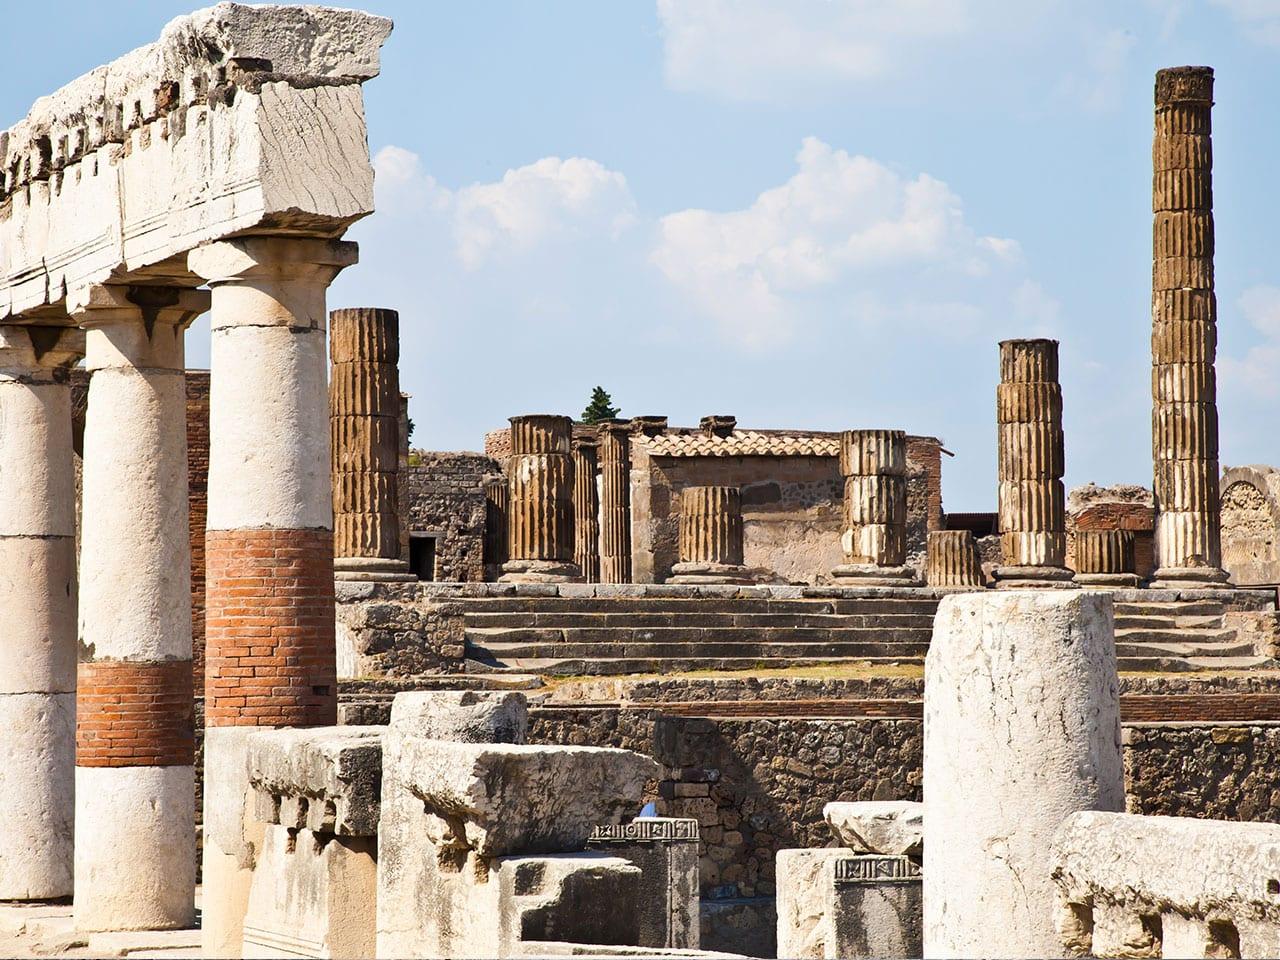 ancienne cité de Pompéi, parmi les 5 choses à voir absolument à Naples